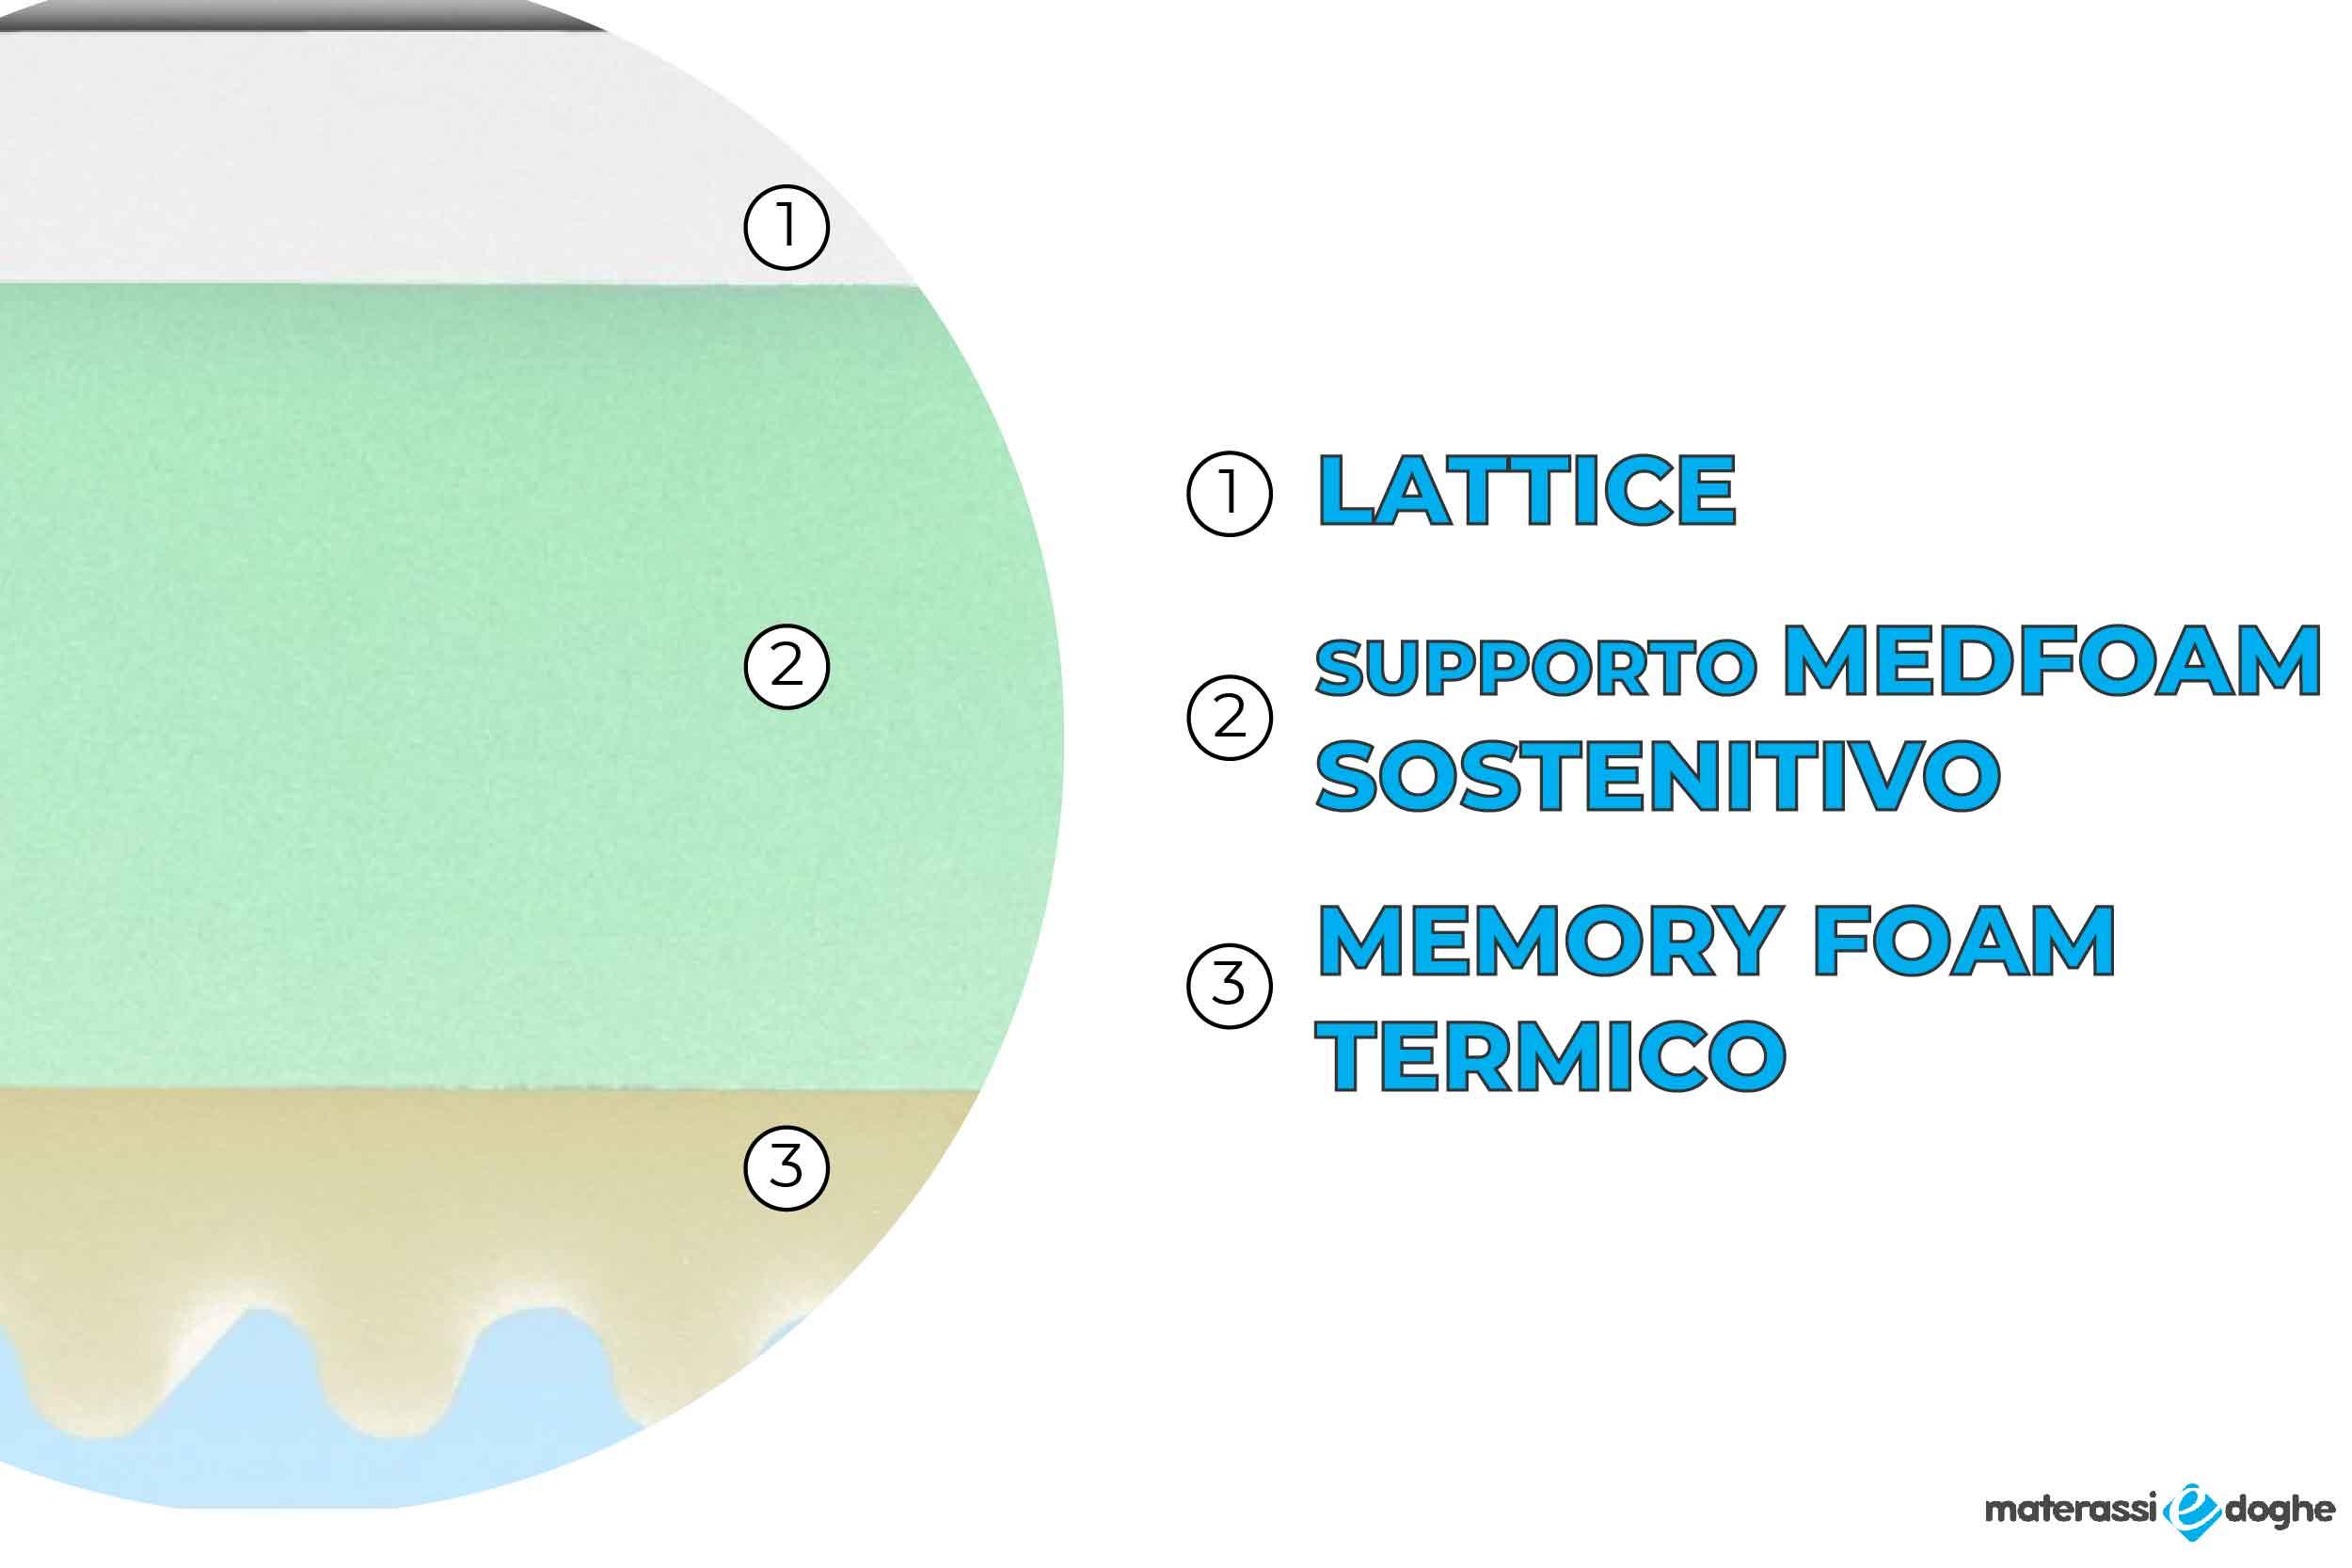 Materasso Venezia In Memory Foam Mymemory E Lattice Sfoderabile Altezza Materasso 22cm Altezza Memory 5cm Altezza Lattice 2cm Livello Di Rigidita 6 10 Materassi E Doghe